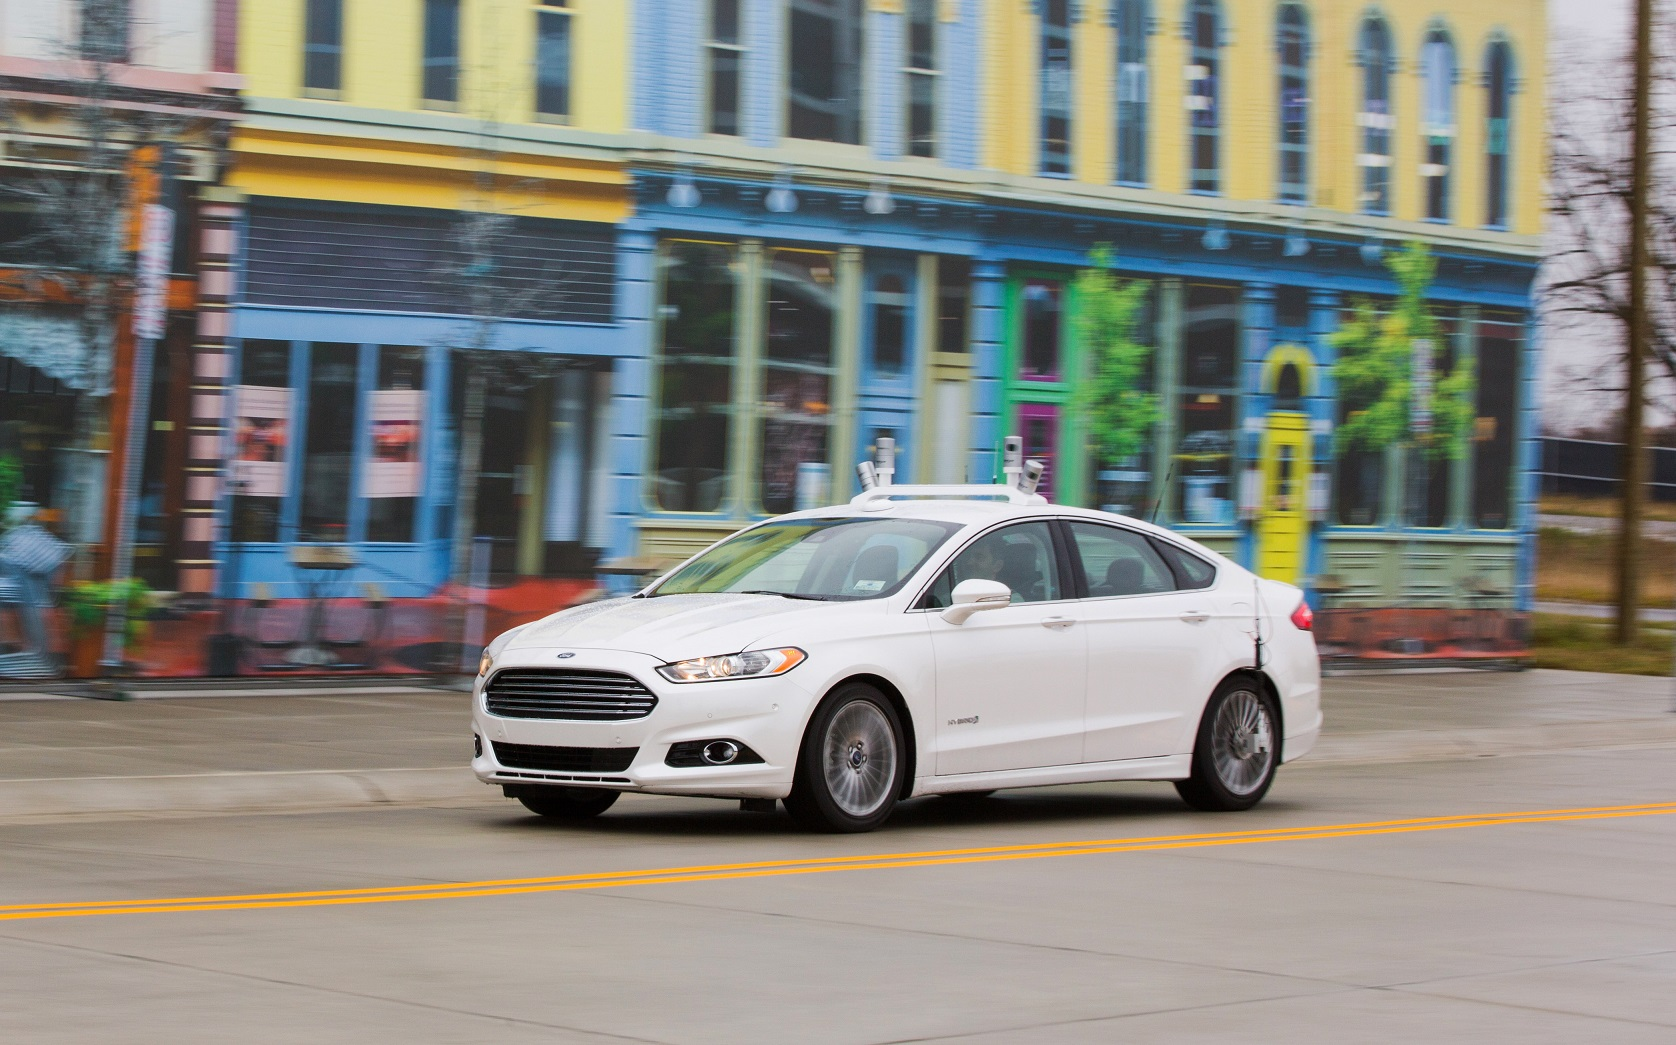 Teste do Ford Fusion Híbrido no campus da Universidade de Michigan, nos Estados Unidos. Foto Divulgação